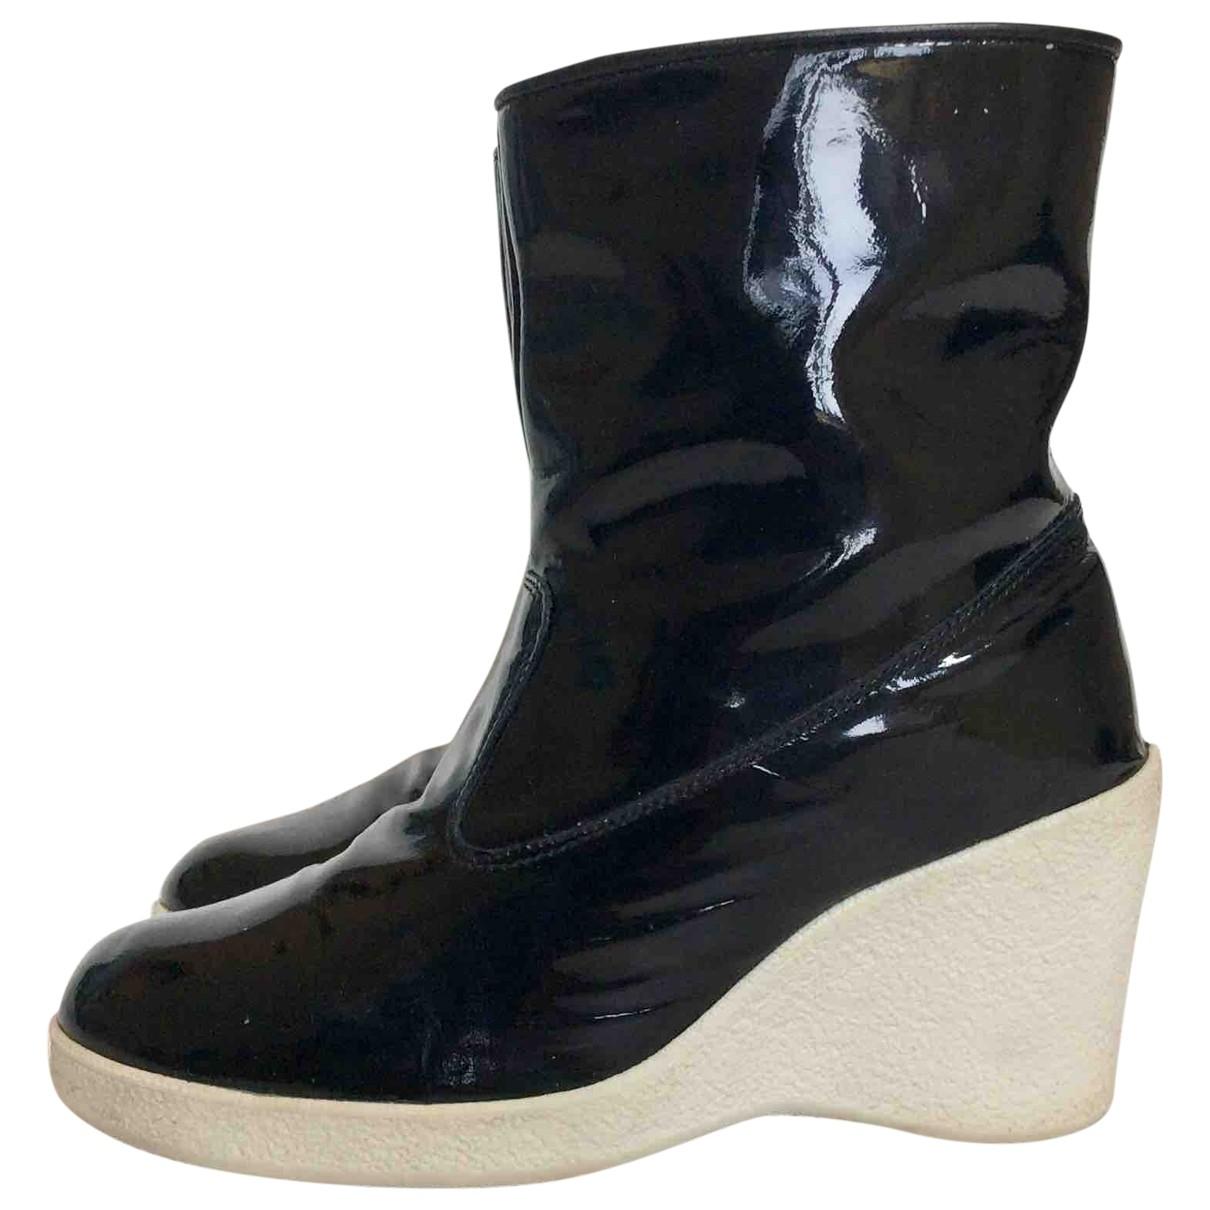 Mm6 - Boots   pour femme en cuir verni - noir